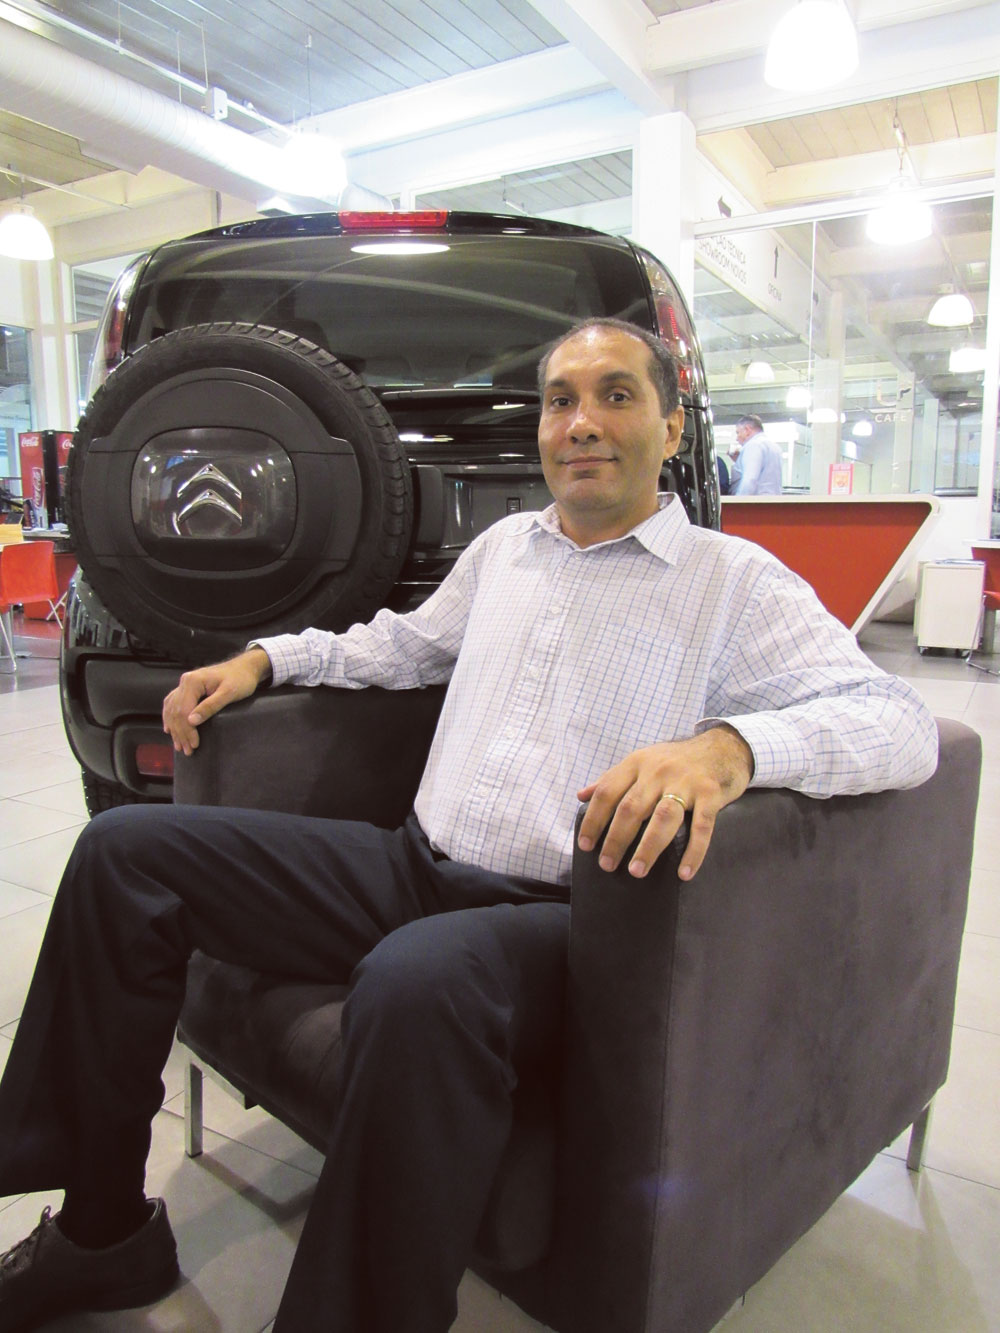 """""""Todas as concessionárias das marcas Peugeot e Citroën devem ter um técnico formado pela fábrica para auxiliar os reparadores independentes com suas dúvidas. O reparador precisa saber que vale a pena comprar uma peça genuína e que ele terá garantia sobre aquele produto"""", afirma Marcio Lima"""